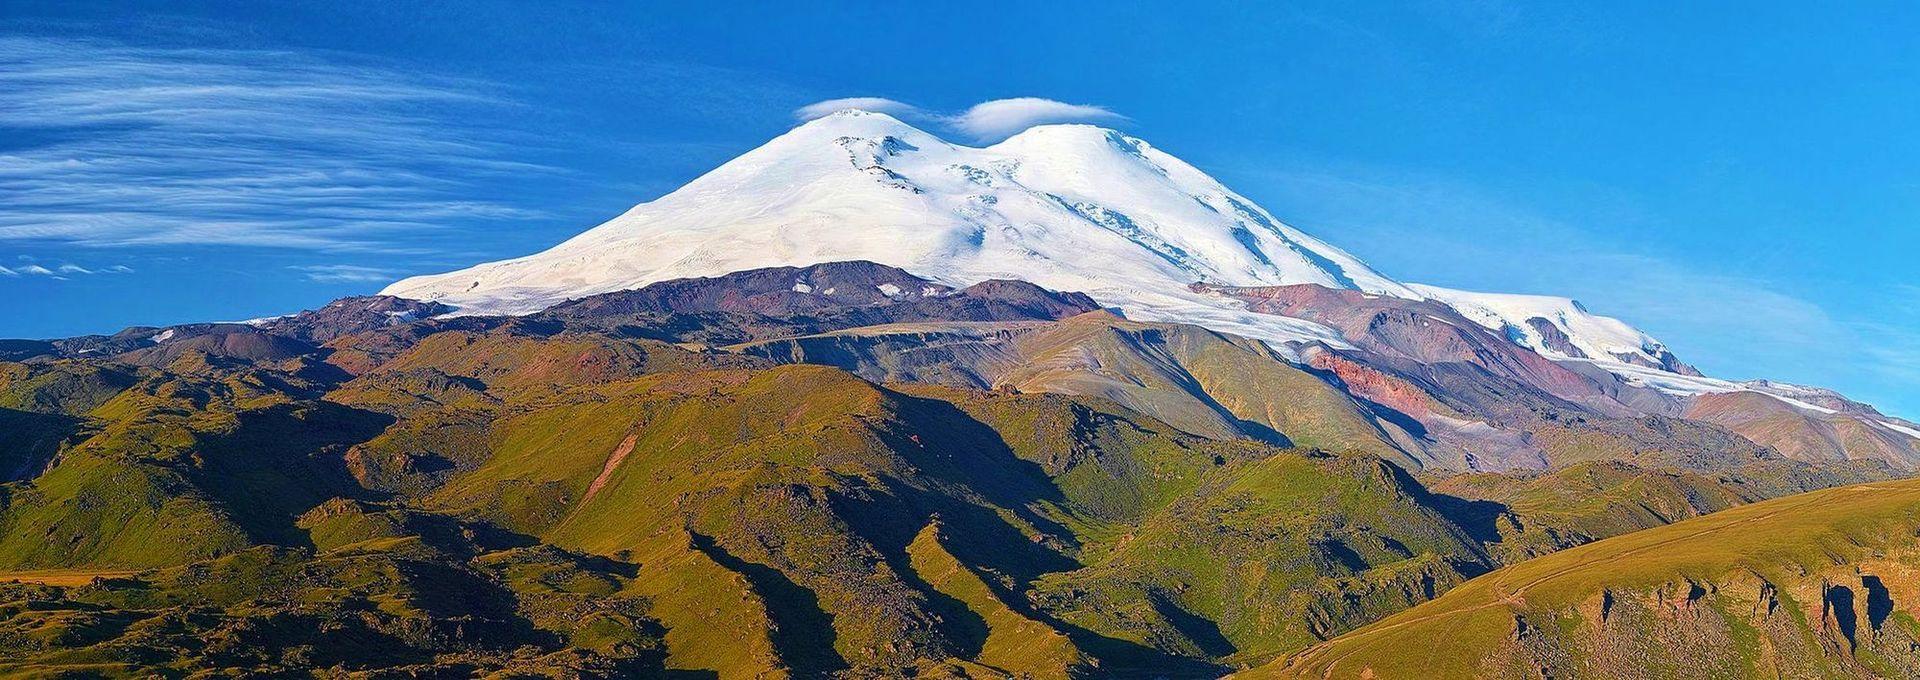 Elbrus - najwyższy szczyt Europy -olbrzymy -kaukazu - zdobycie